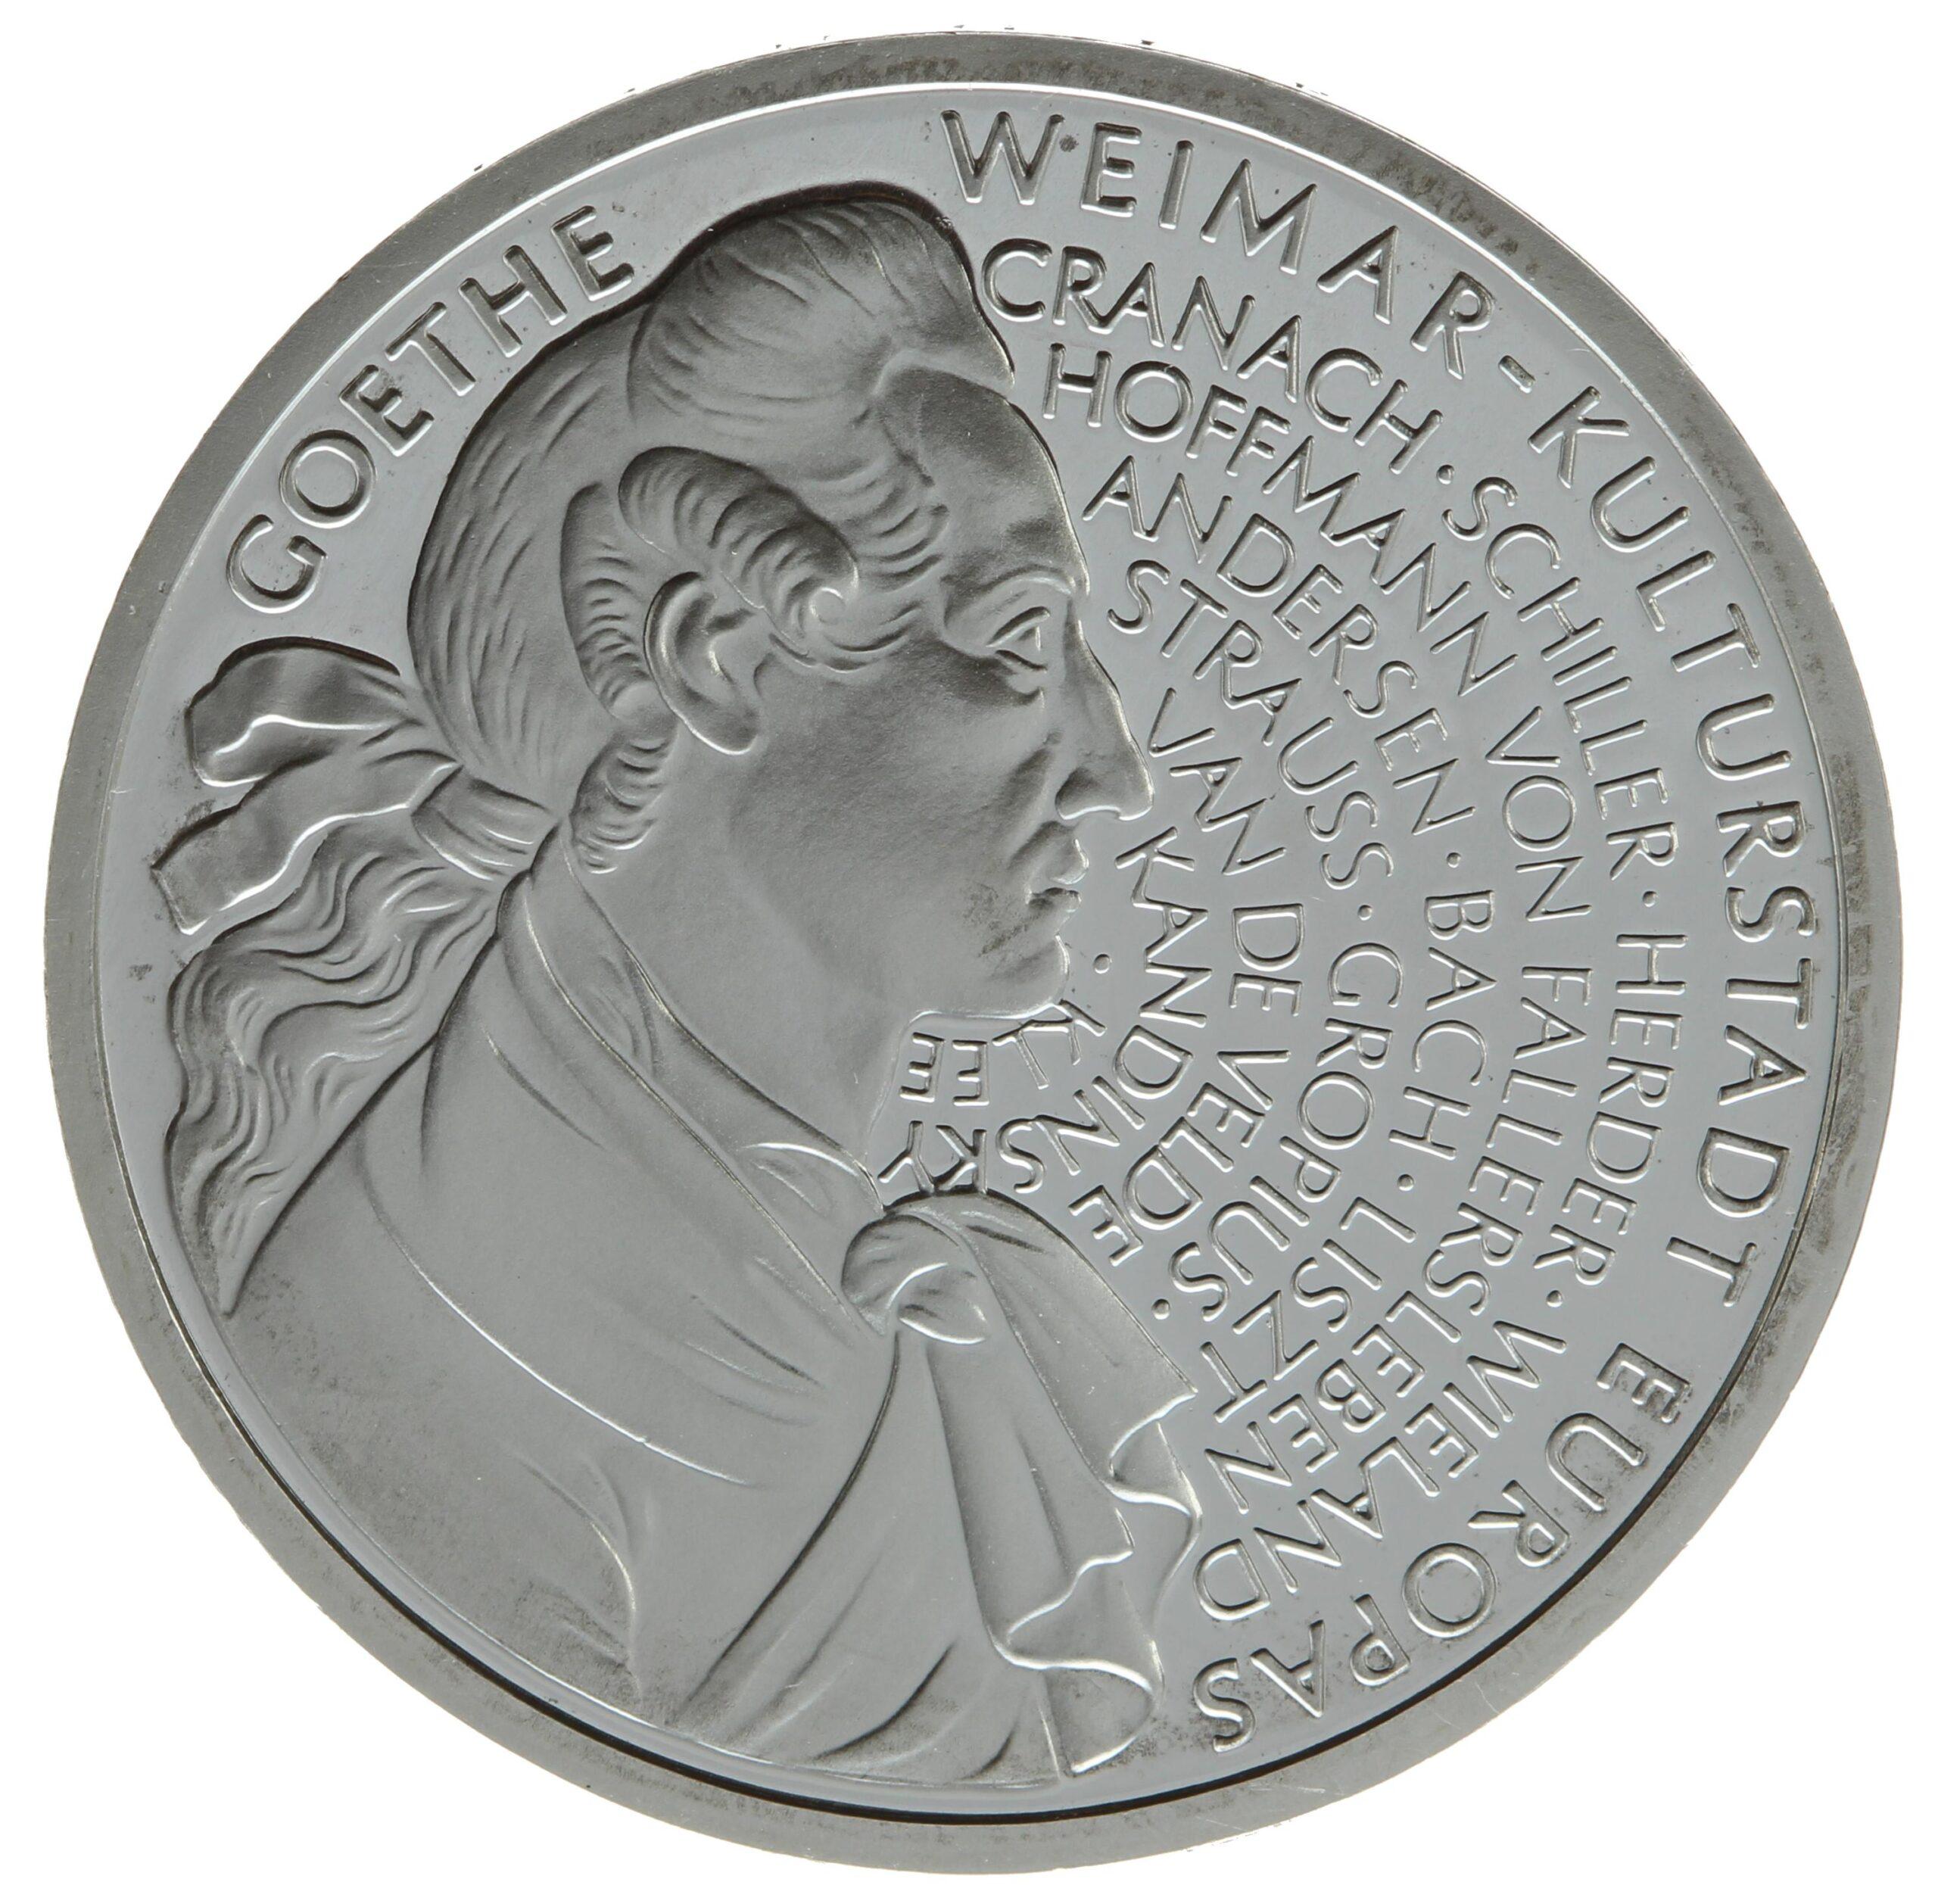 DE 10 Deutsche Mark 1999 J